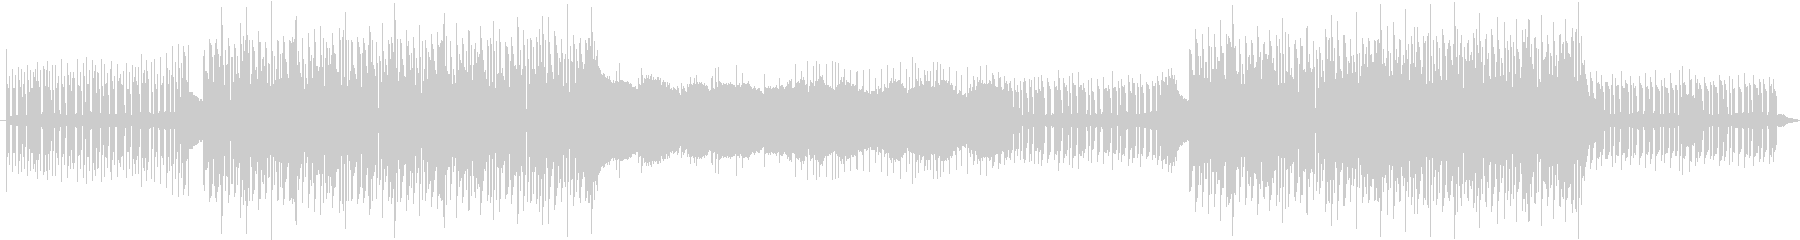 シンセ音がメインのアップテンポソングの未再生の波形